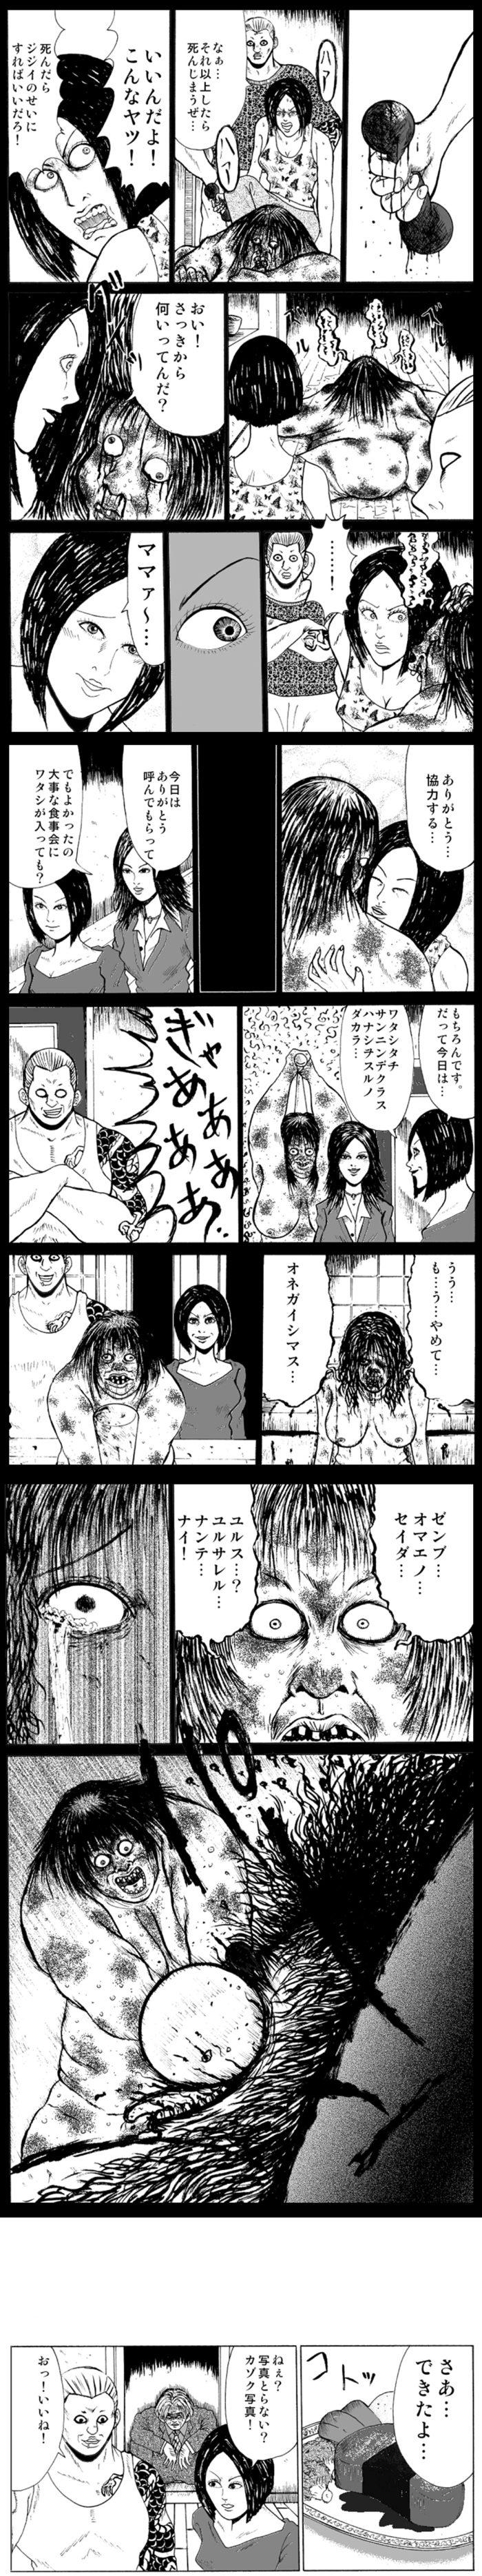 kazoku10